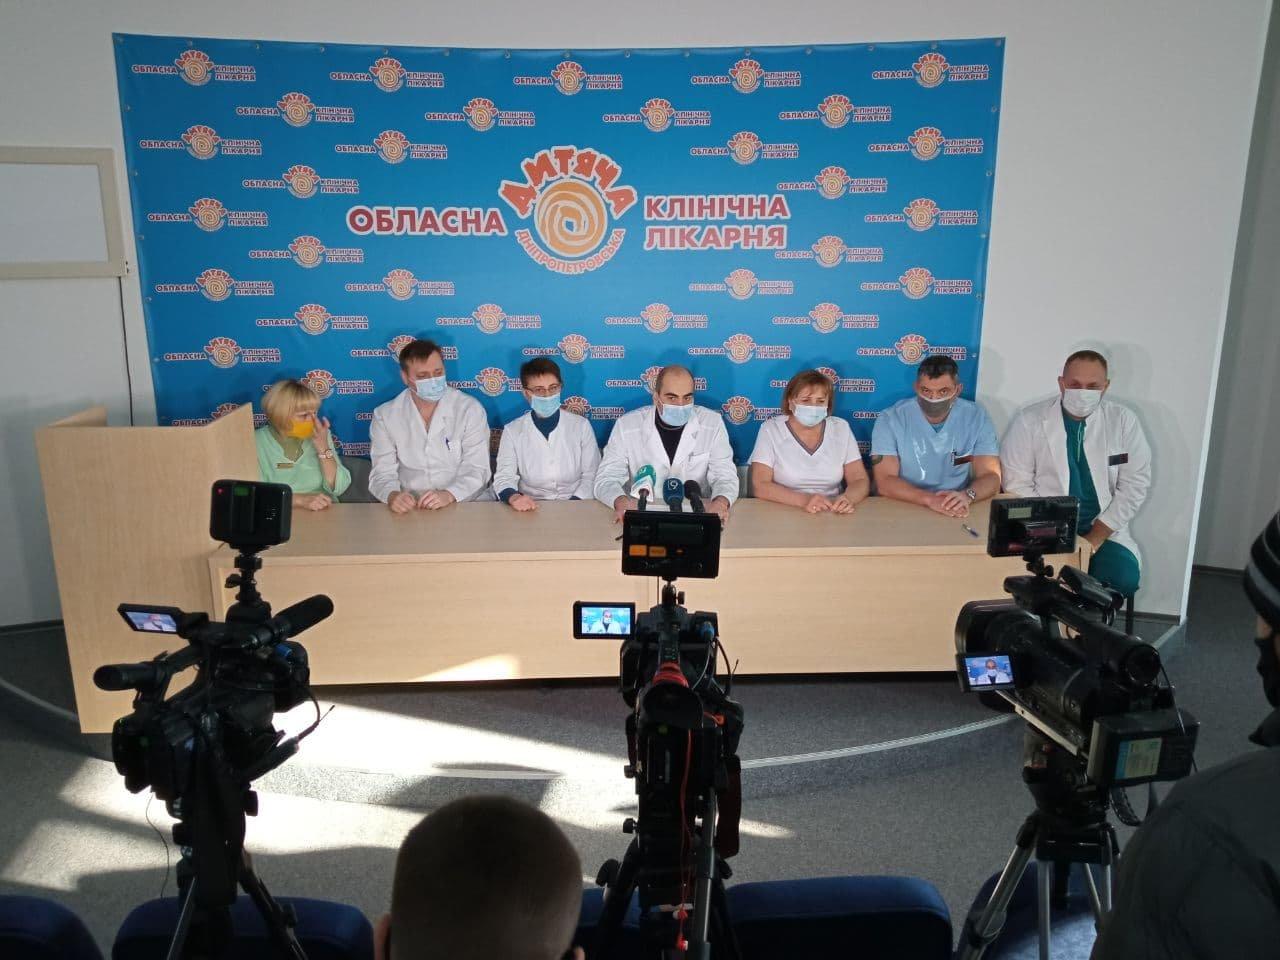 Днепровские медики спасли жизнь парня, получившего сверхтяжелые травмы, - ФОТО, фото-1